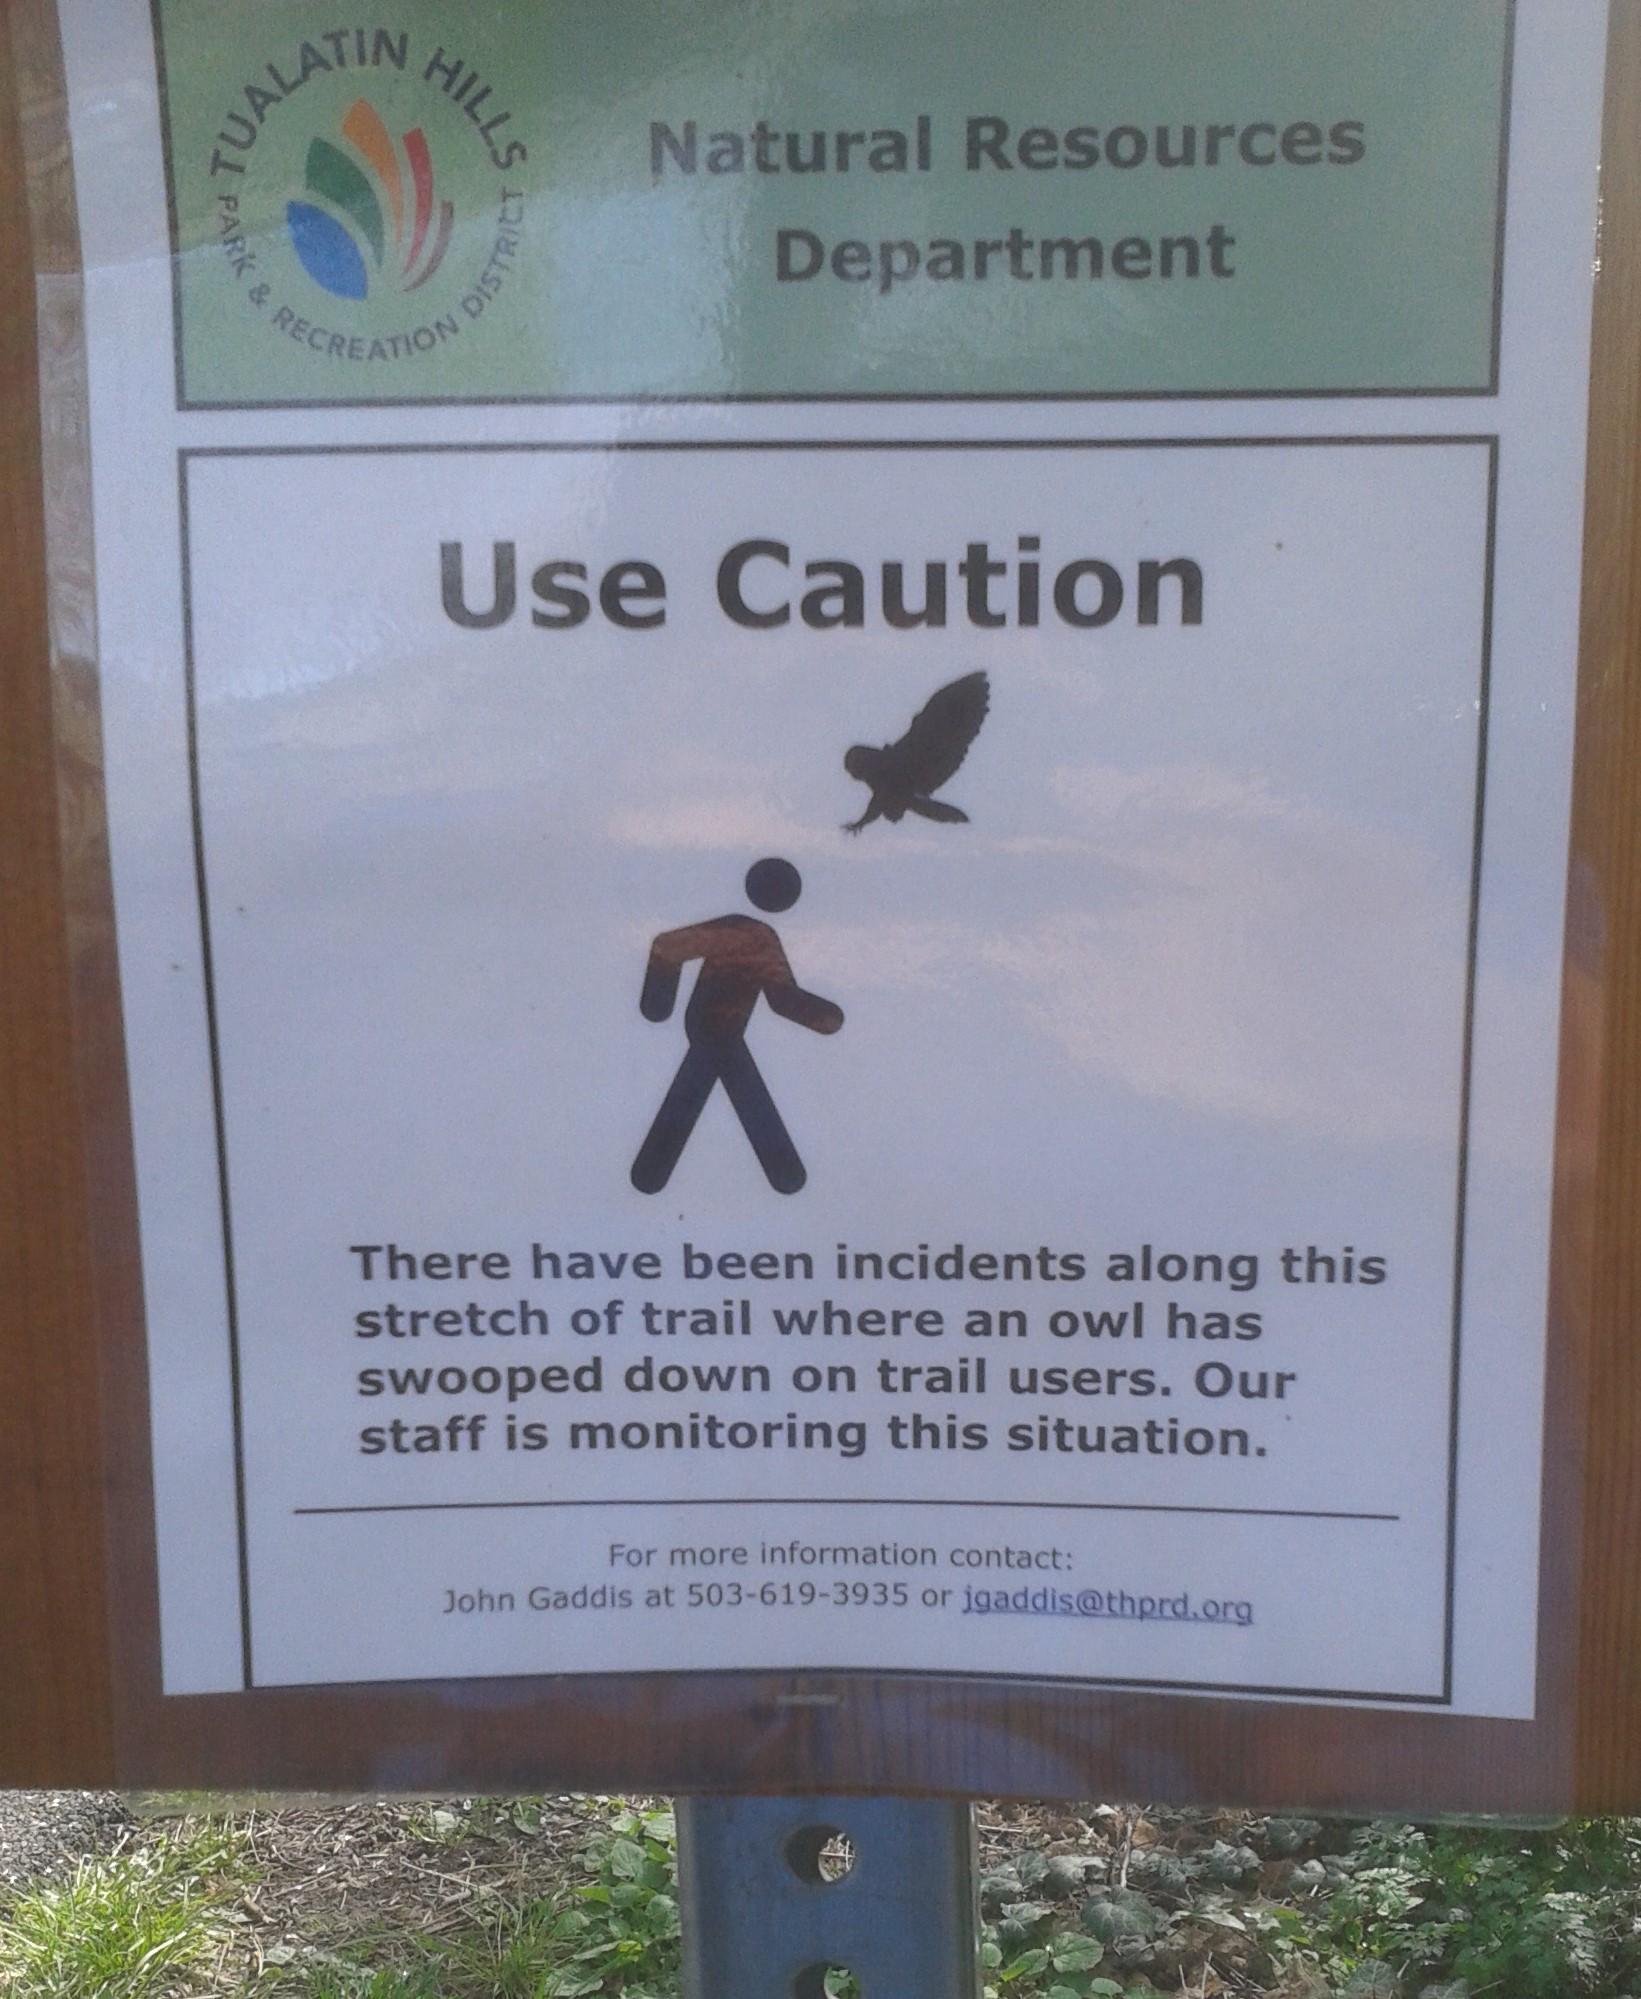 Beware of owl